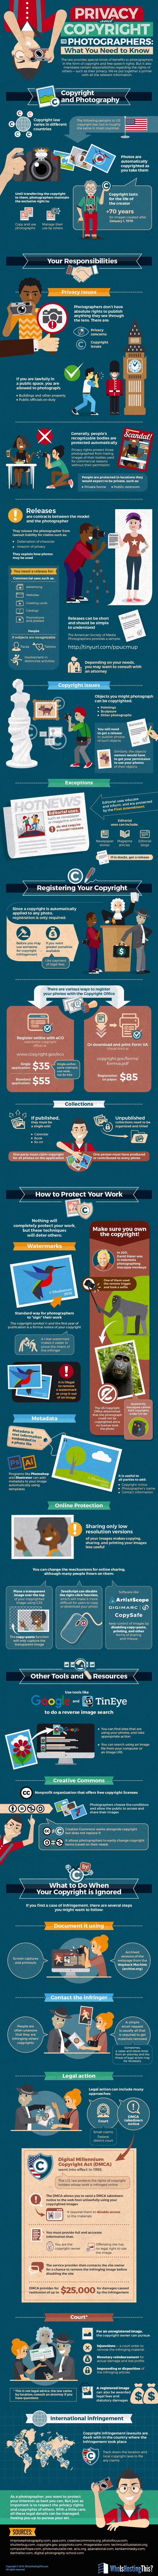 oasdom.com - Privacy and copyright for photographers